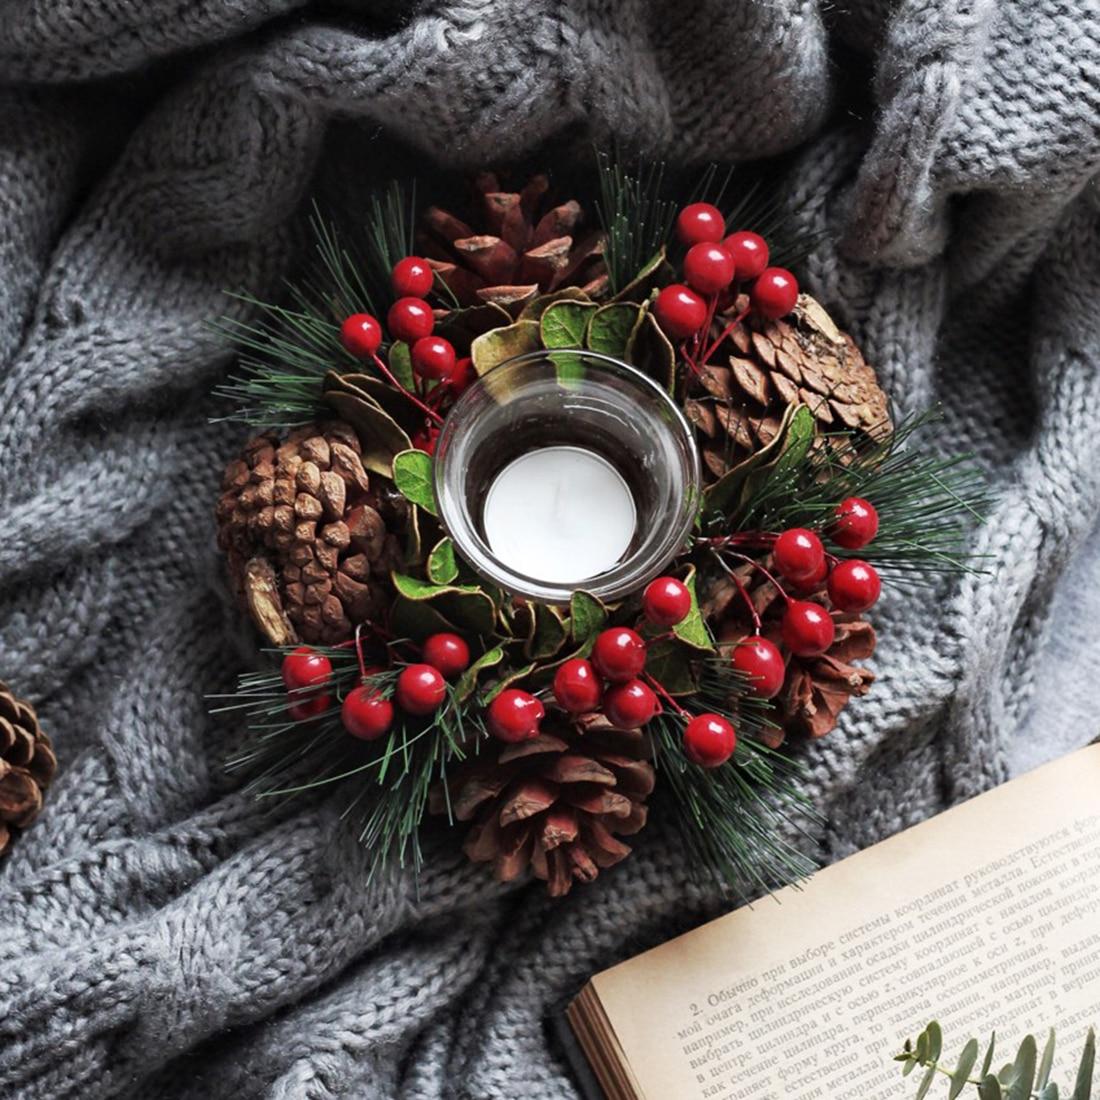 Nouvelle Creative Pomme De Pin De Noël Bougie Titulaire Pin Aiguille Branche Bougie Maîtresses Pour La Maison De Noël Décor Vente Chaude